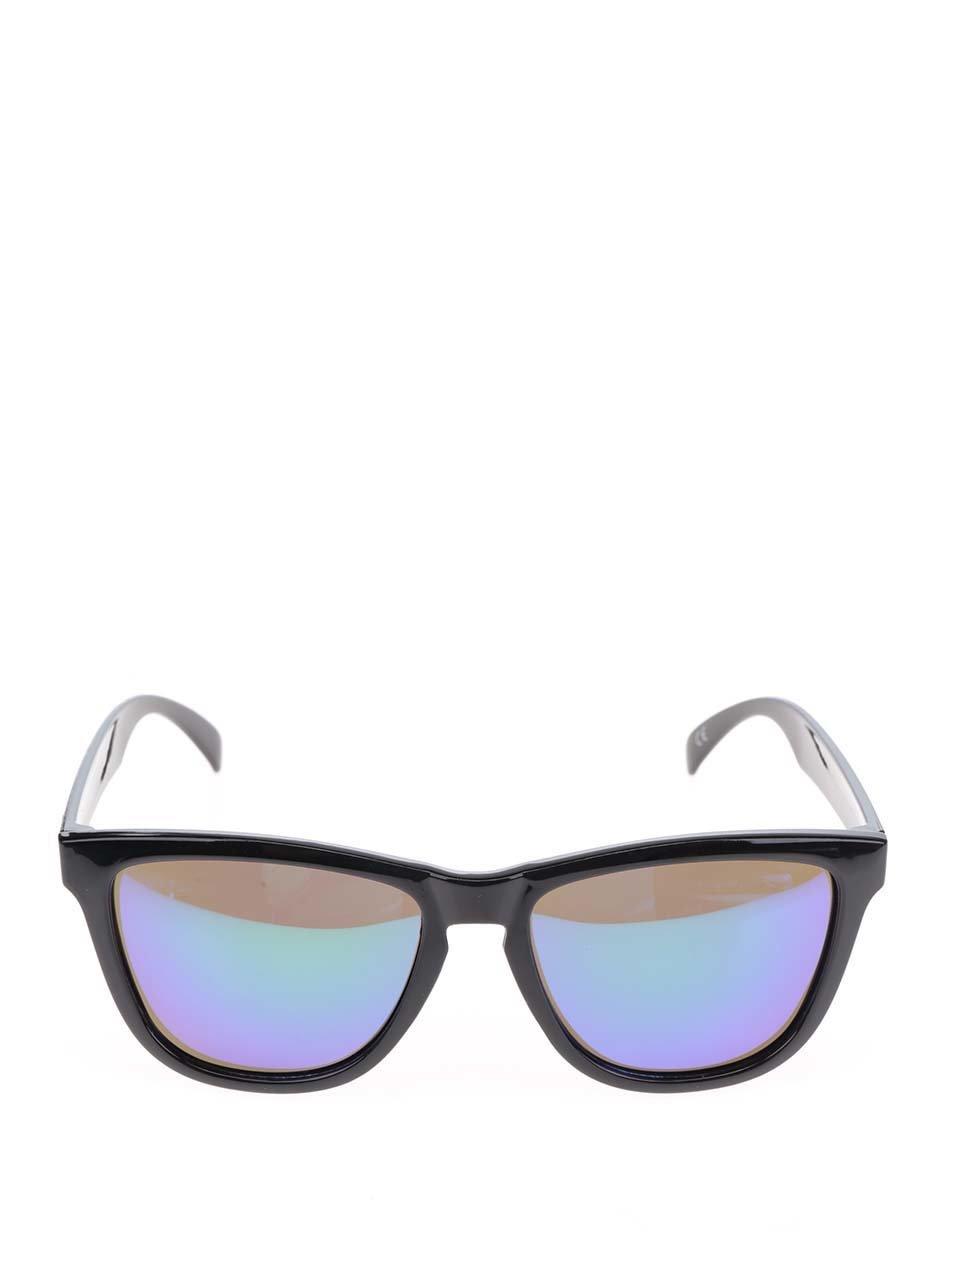 6f00a6923 Čierne pánske slnečné okuliare s modrými sklami Nectar Wayfarer ...